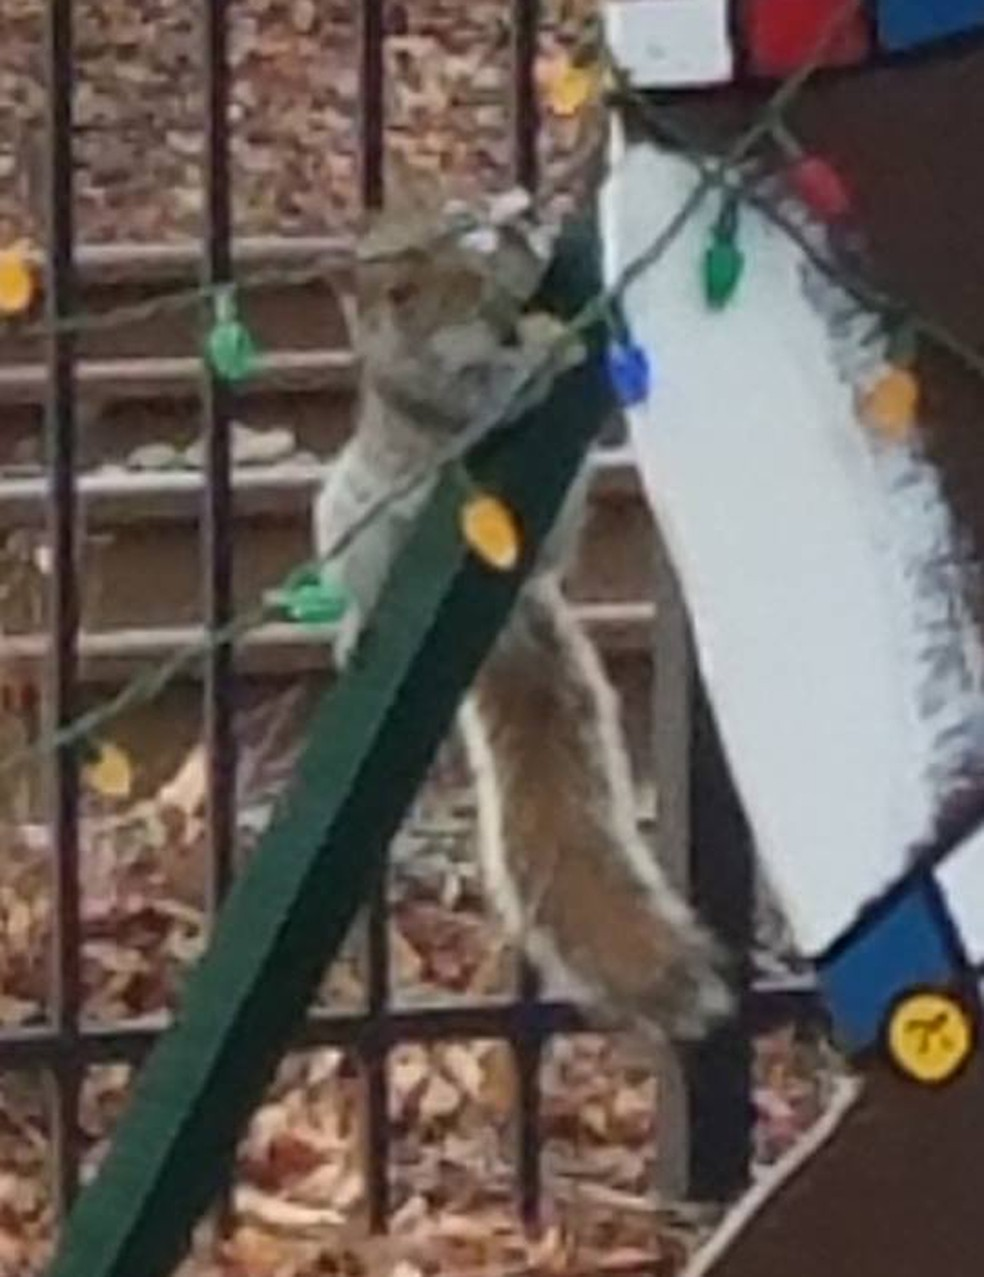 Esquilo é acusado de 'vandalizar' luzes de Natal nos EUA (Foto: Sea Girt Police Department/Facebook)